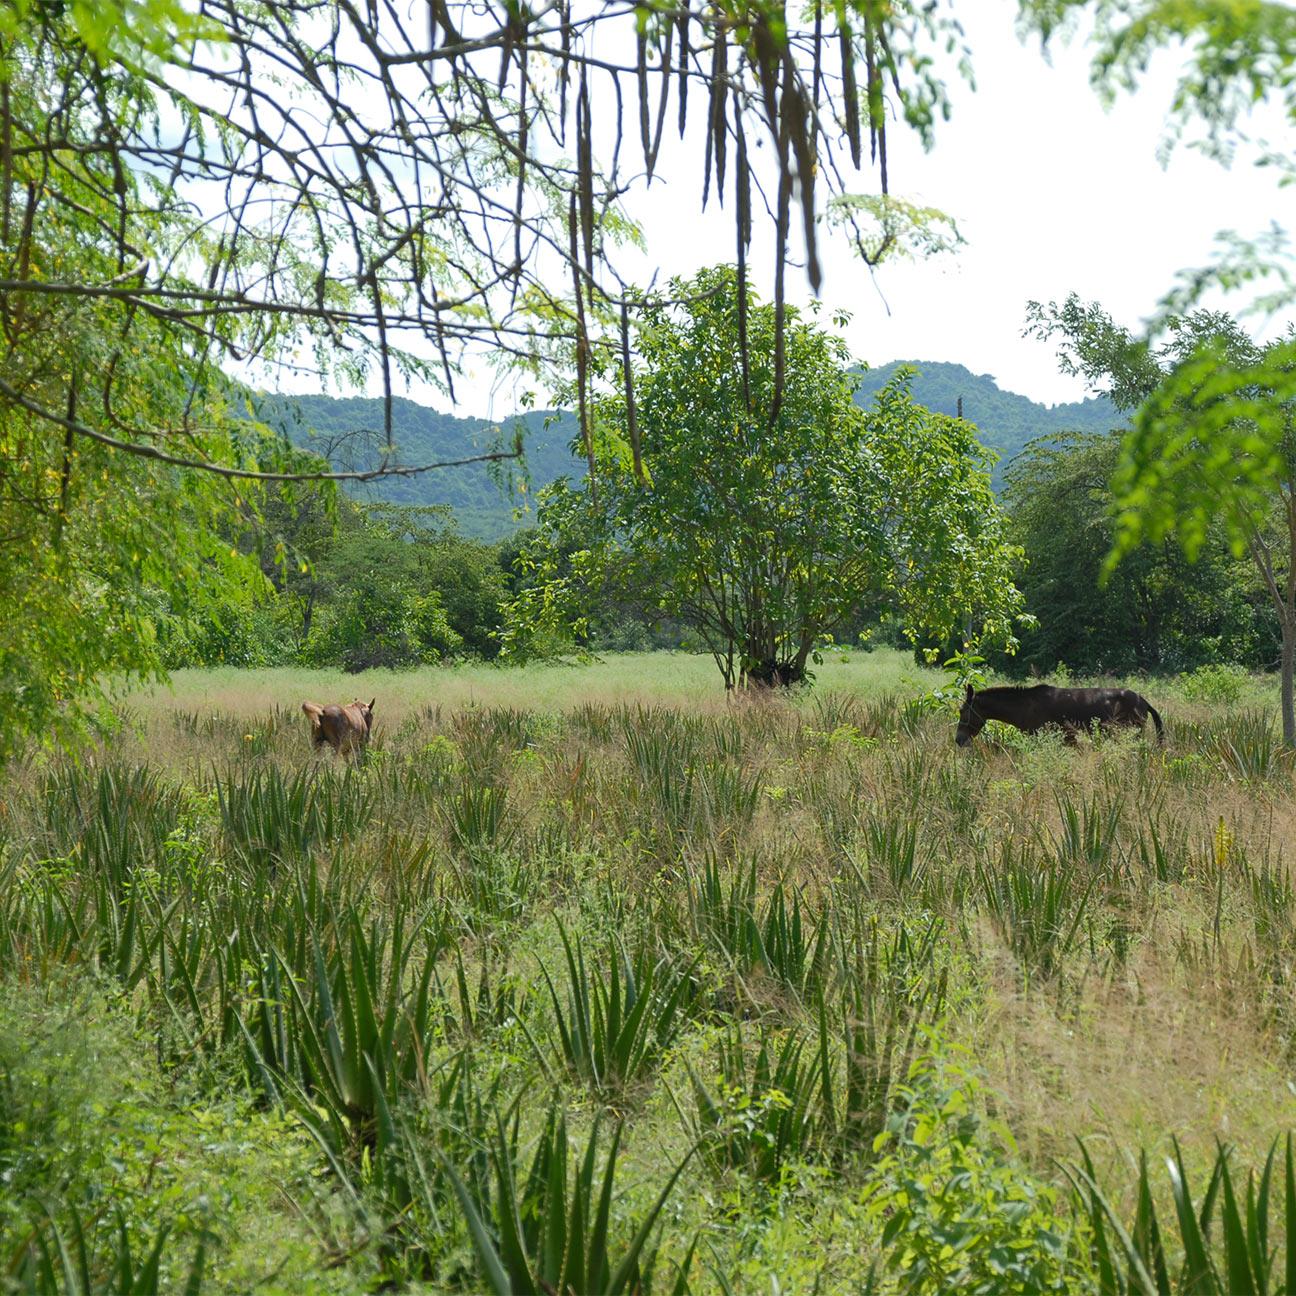 Grüne Landschaft Mischkultur mit dunklen Pferden